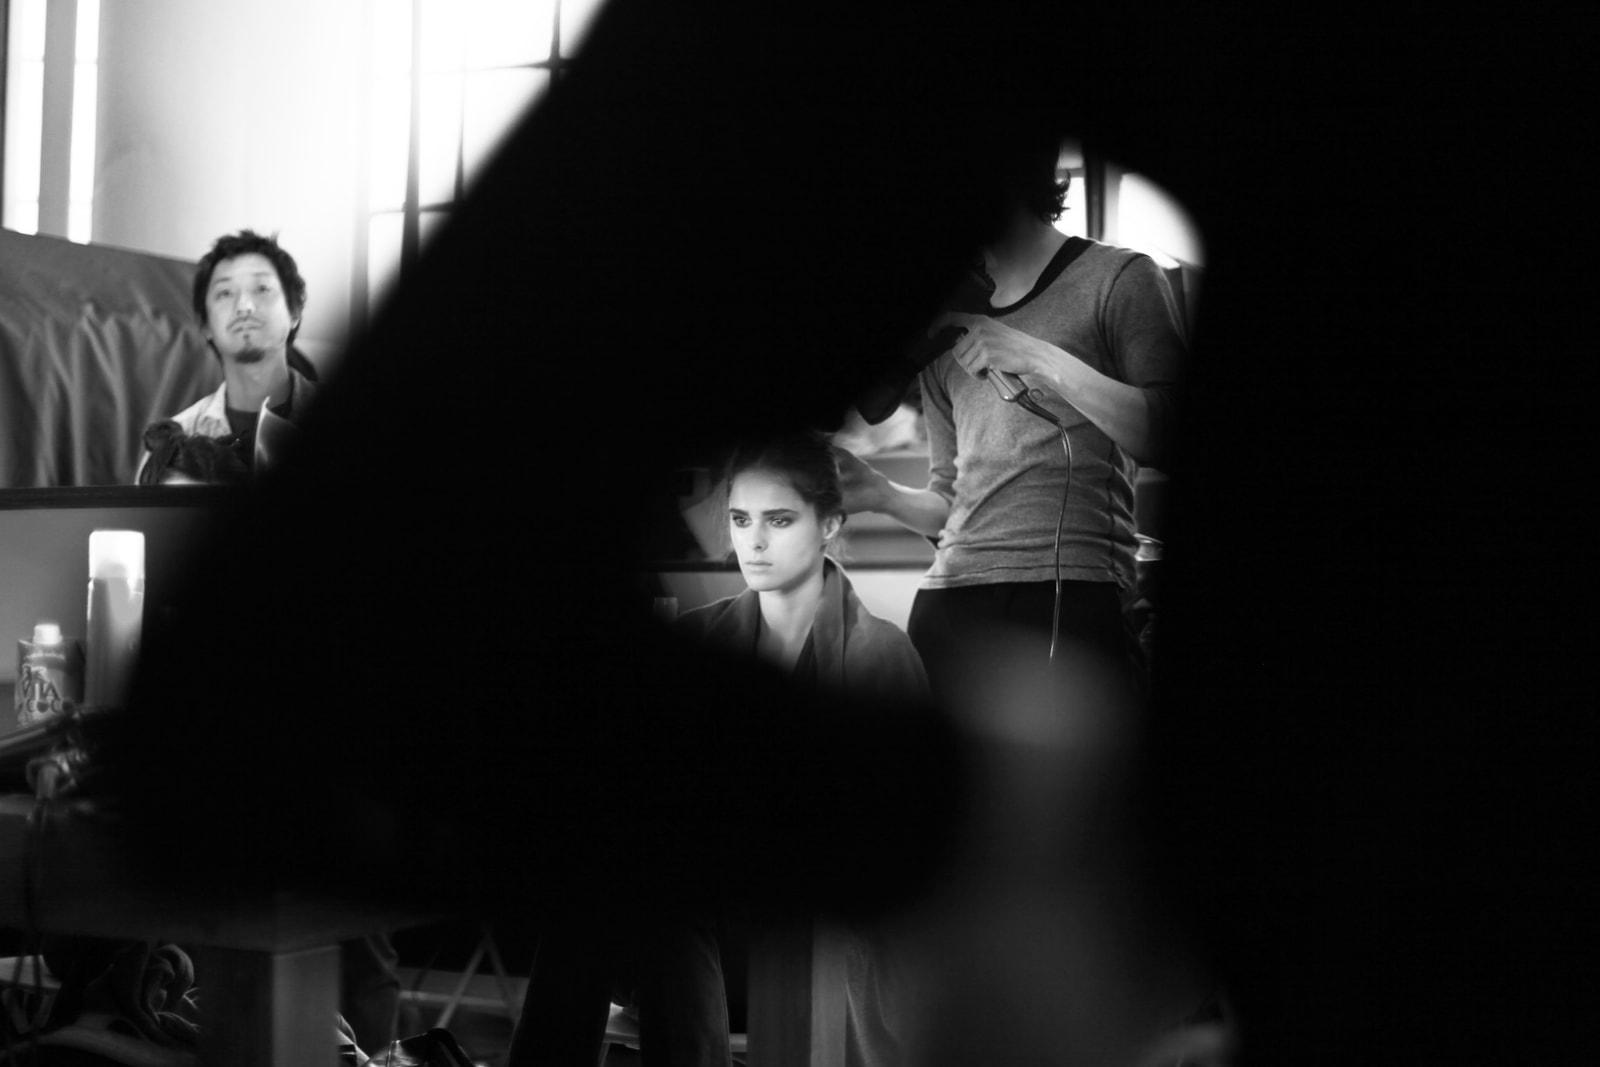 「影像的意義就是讓所有人都能同等地感受到藝術的魅力」| David X Prutting 作客 Business of HYPE